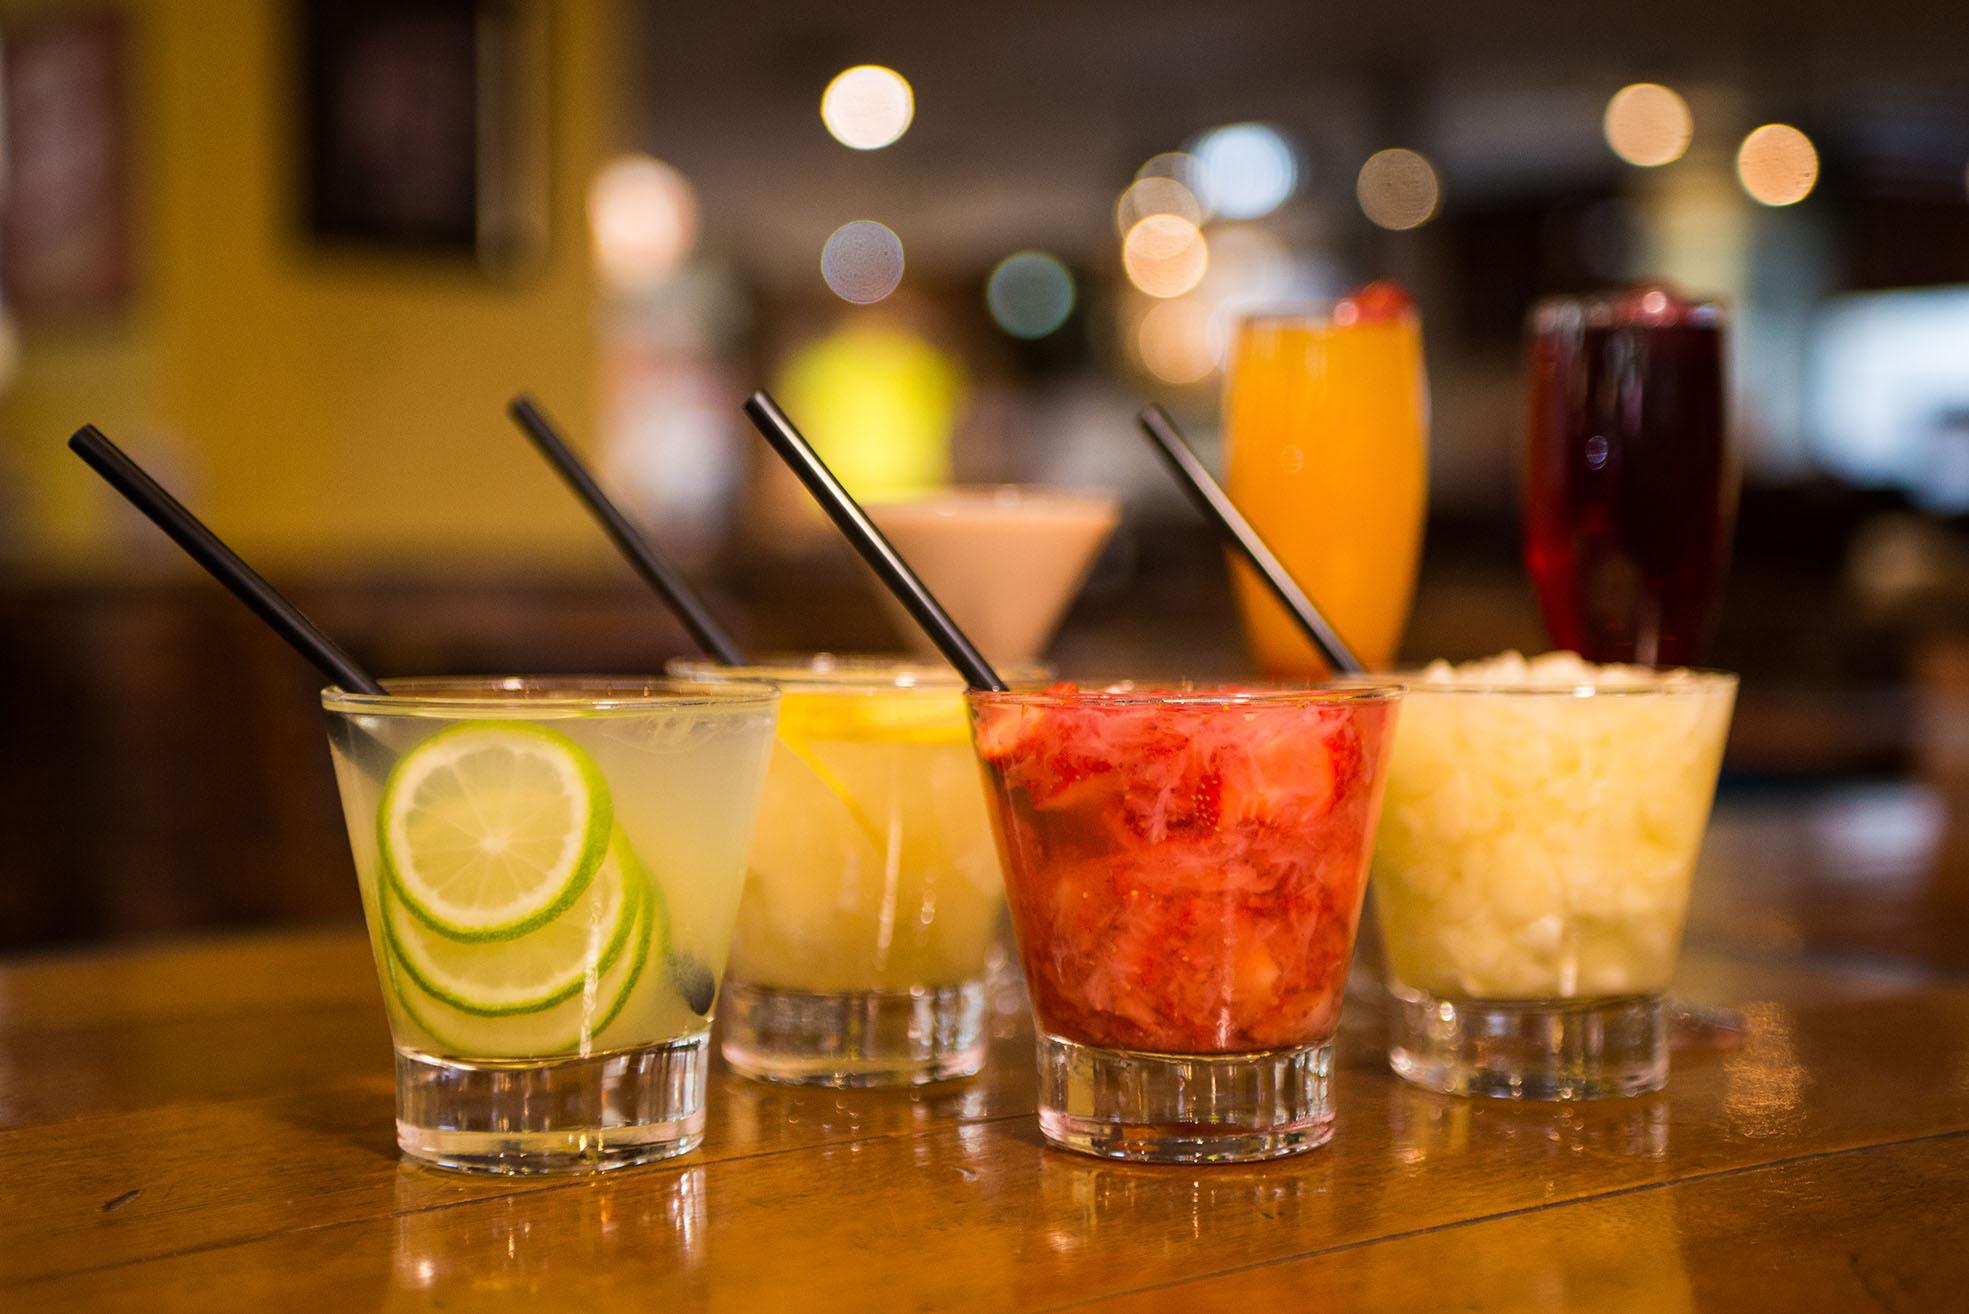 HAPPY HOUR TONILU BIER, CHOPP & DRINKS ESPECIAIS, COMIDINHAS DE BOTECO